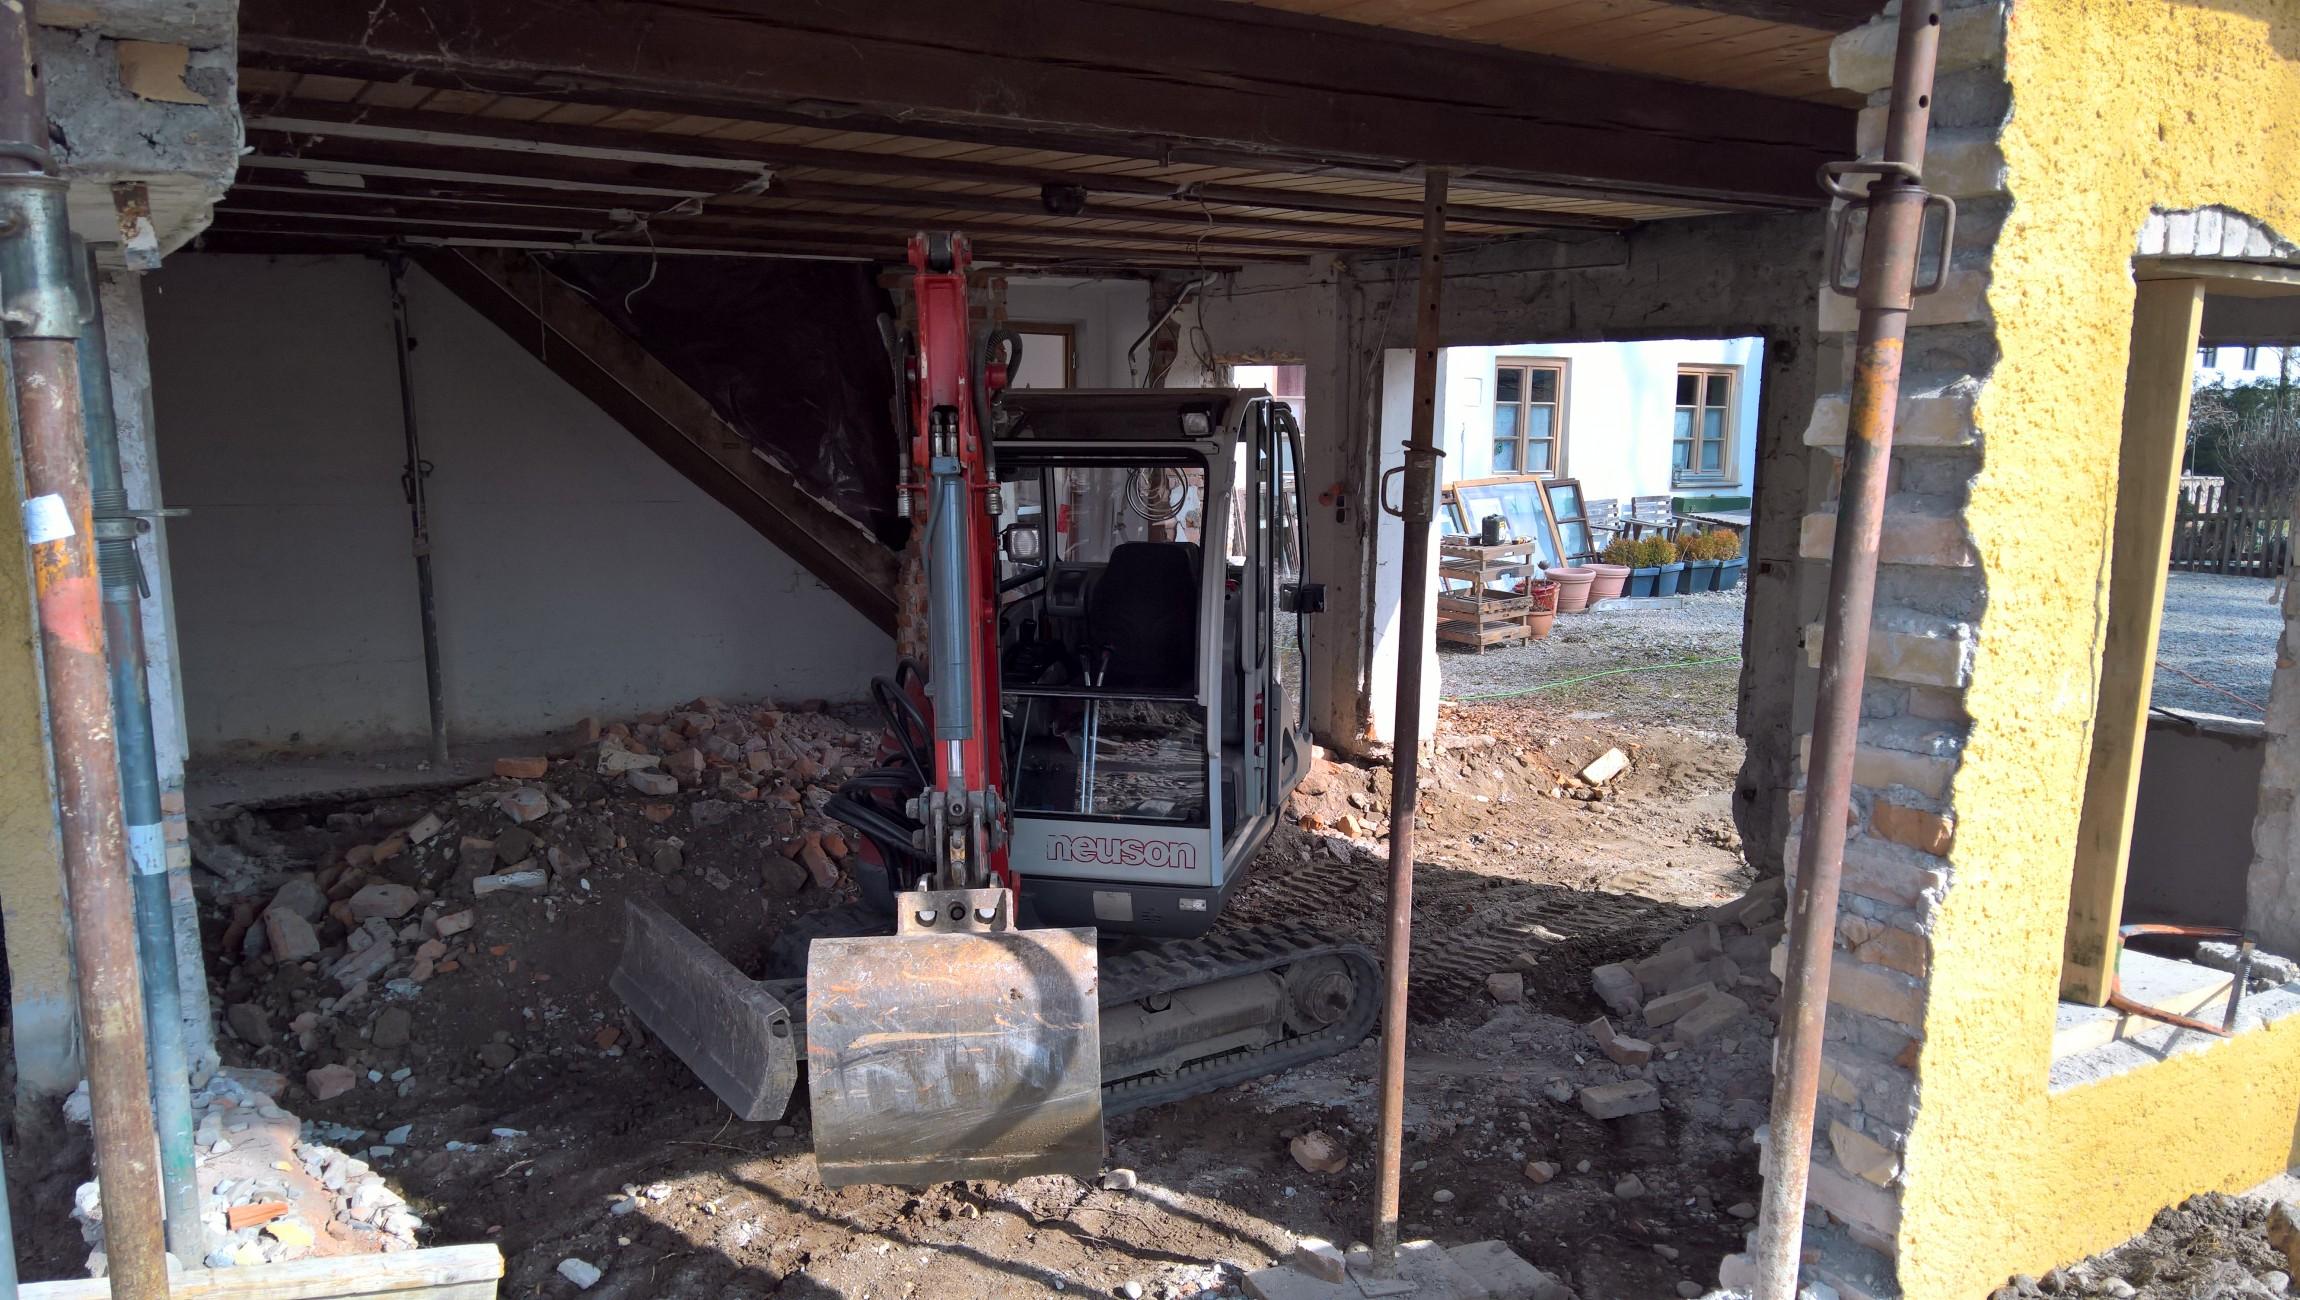 Umbauarbeiten im Haus